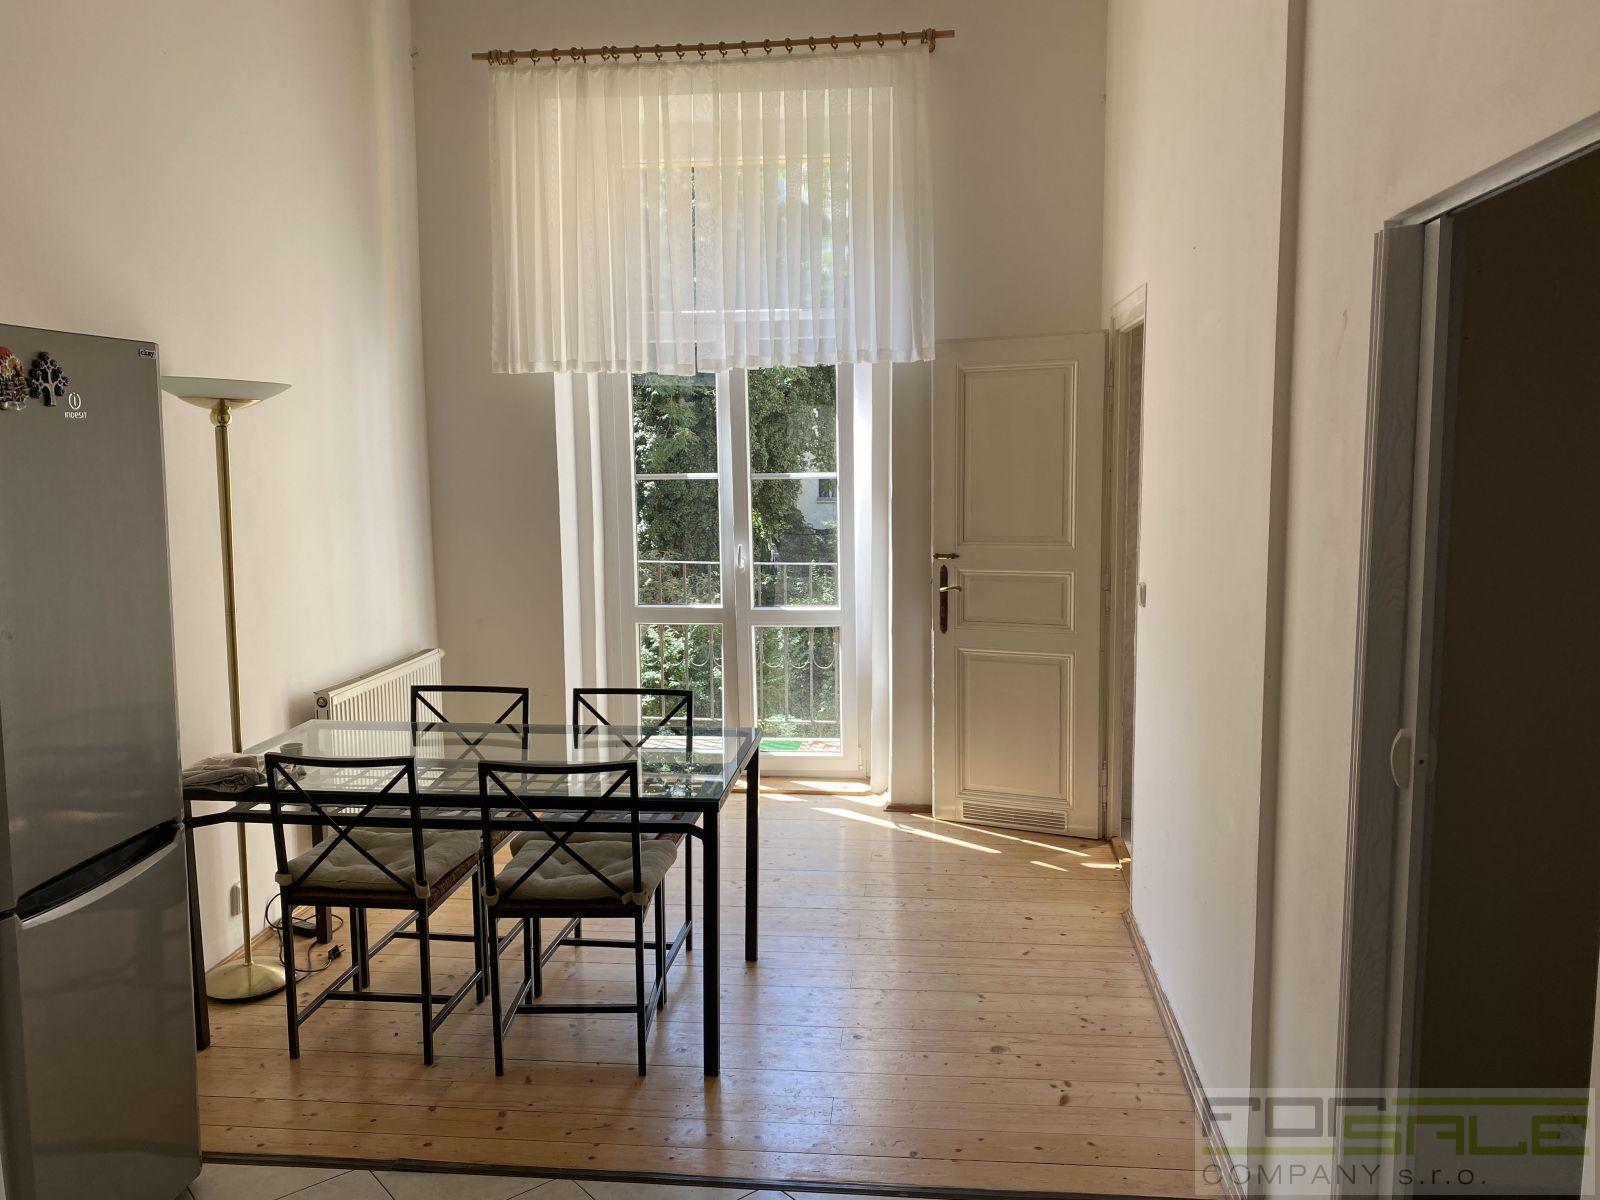 Pronájem prostorného bytu 4+1/B, 150m2, Vinohrady